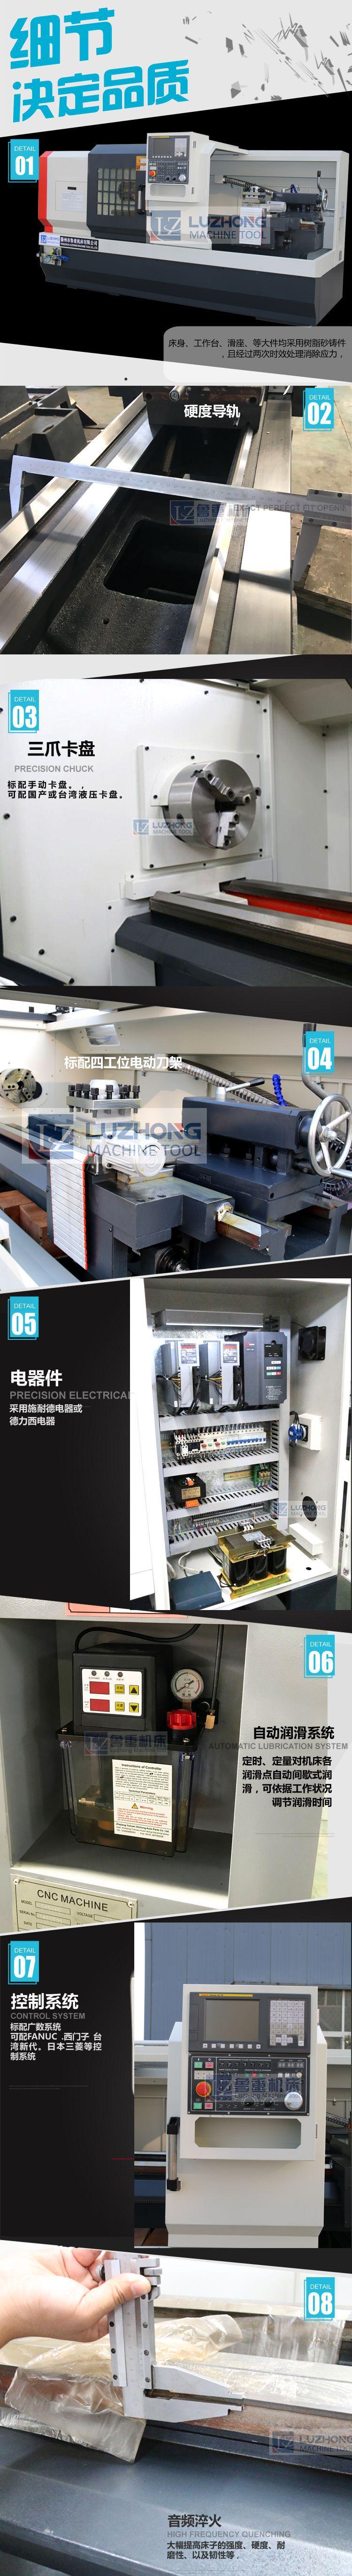 数控机床 CK6150/1000mm 数控车床  系统可选配 平床身硬轨数控车示例图3